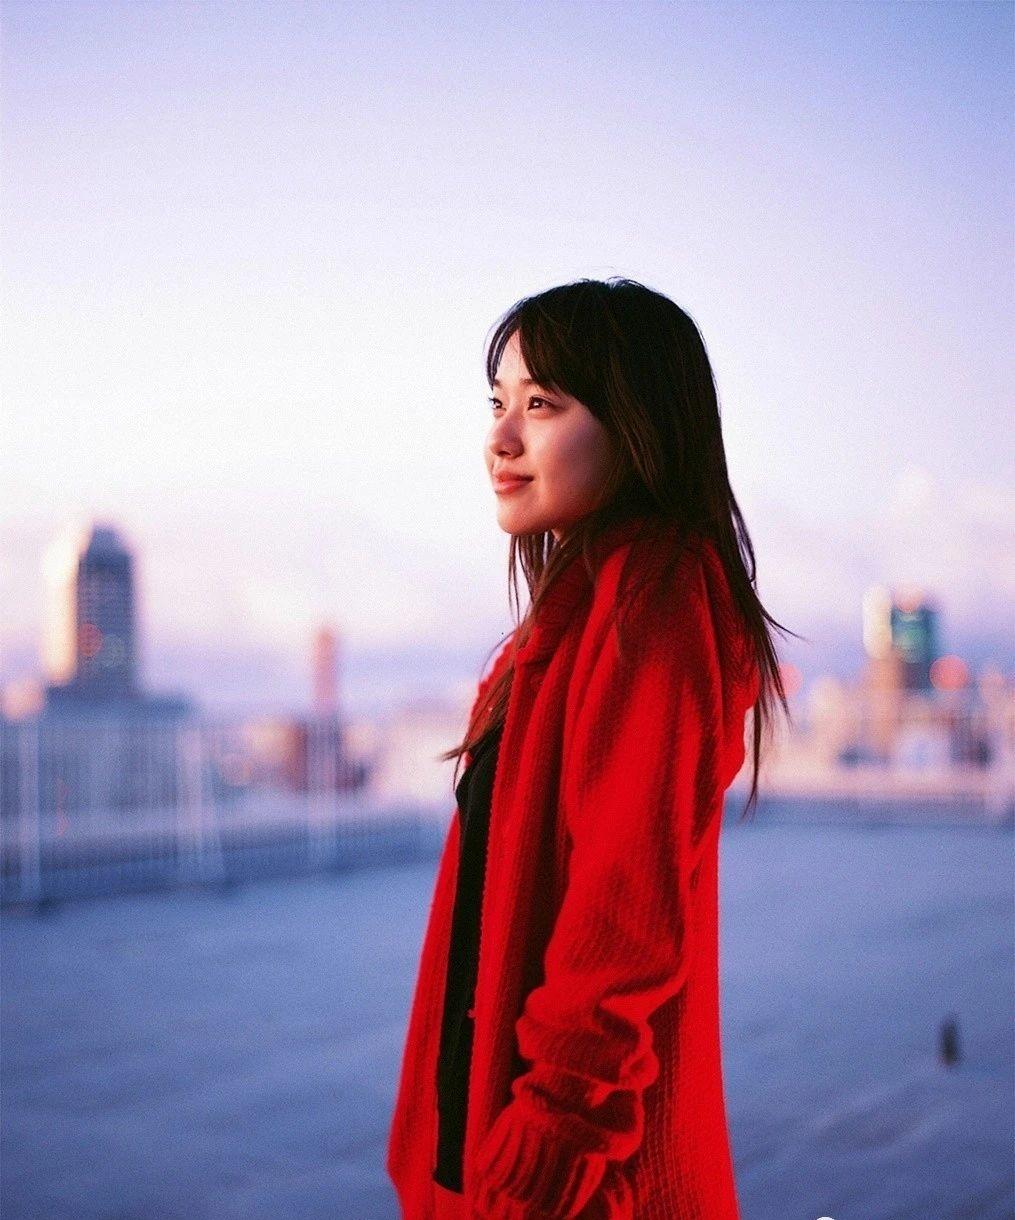 美的不可方物少女时代的户田惠梨香写真作品 (20)